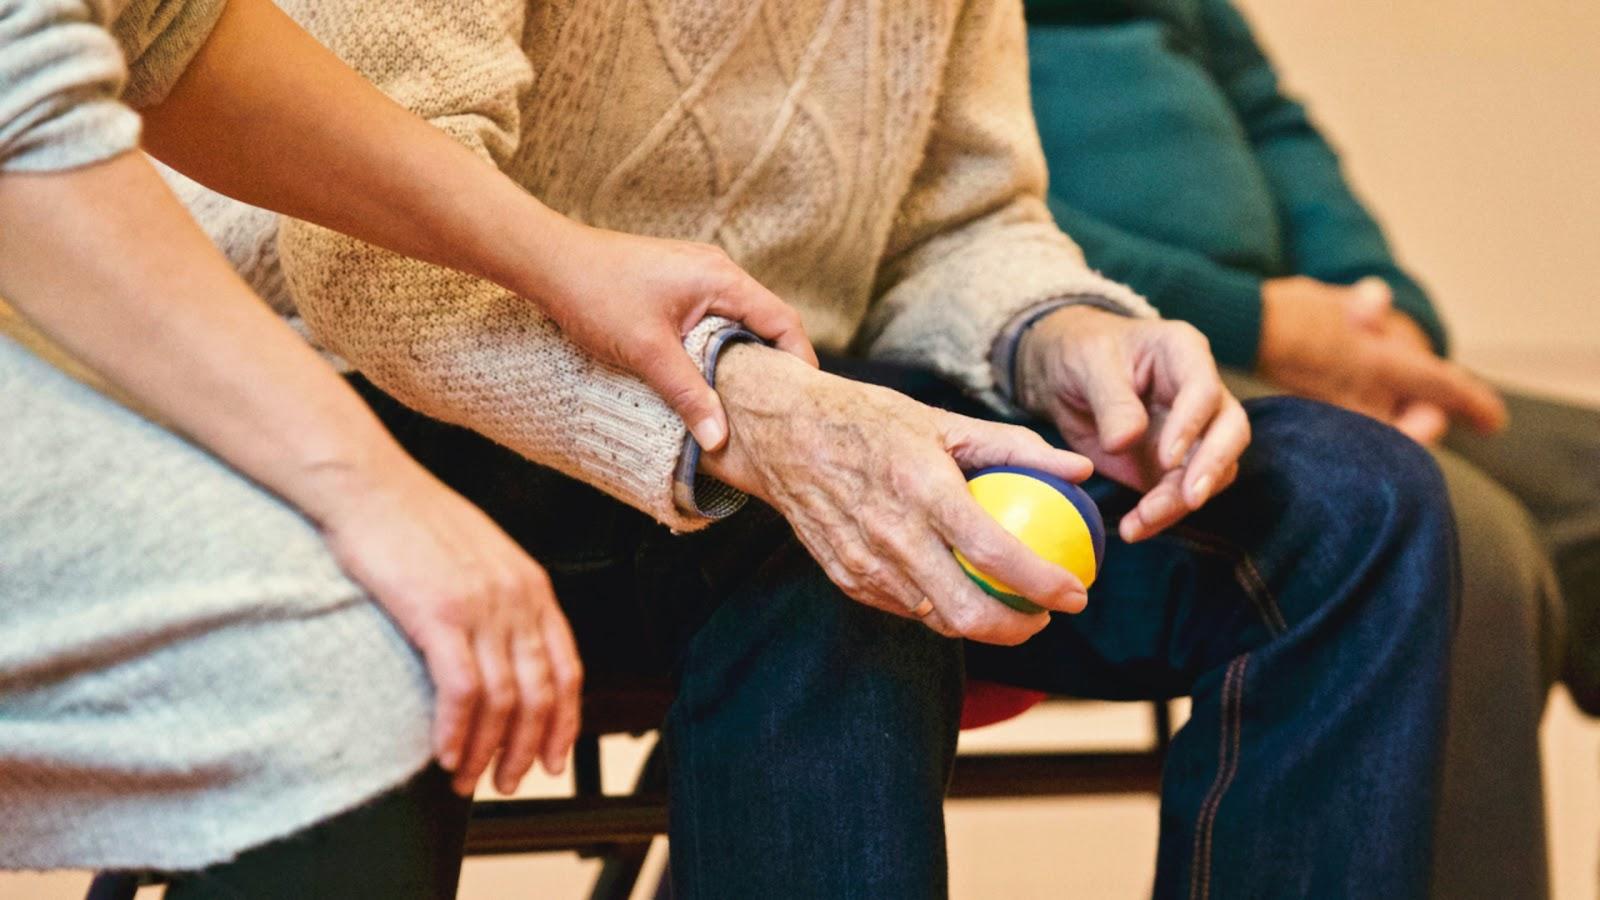 Os cuidadores de idosos auxiliam, muitas vezes, pacientes que contam com uma série de limitações (Fonte: Pexels, Matthias Zomer).